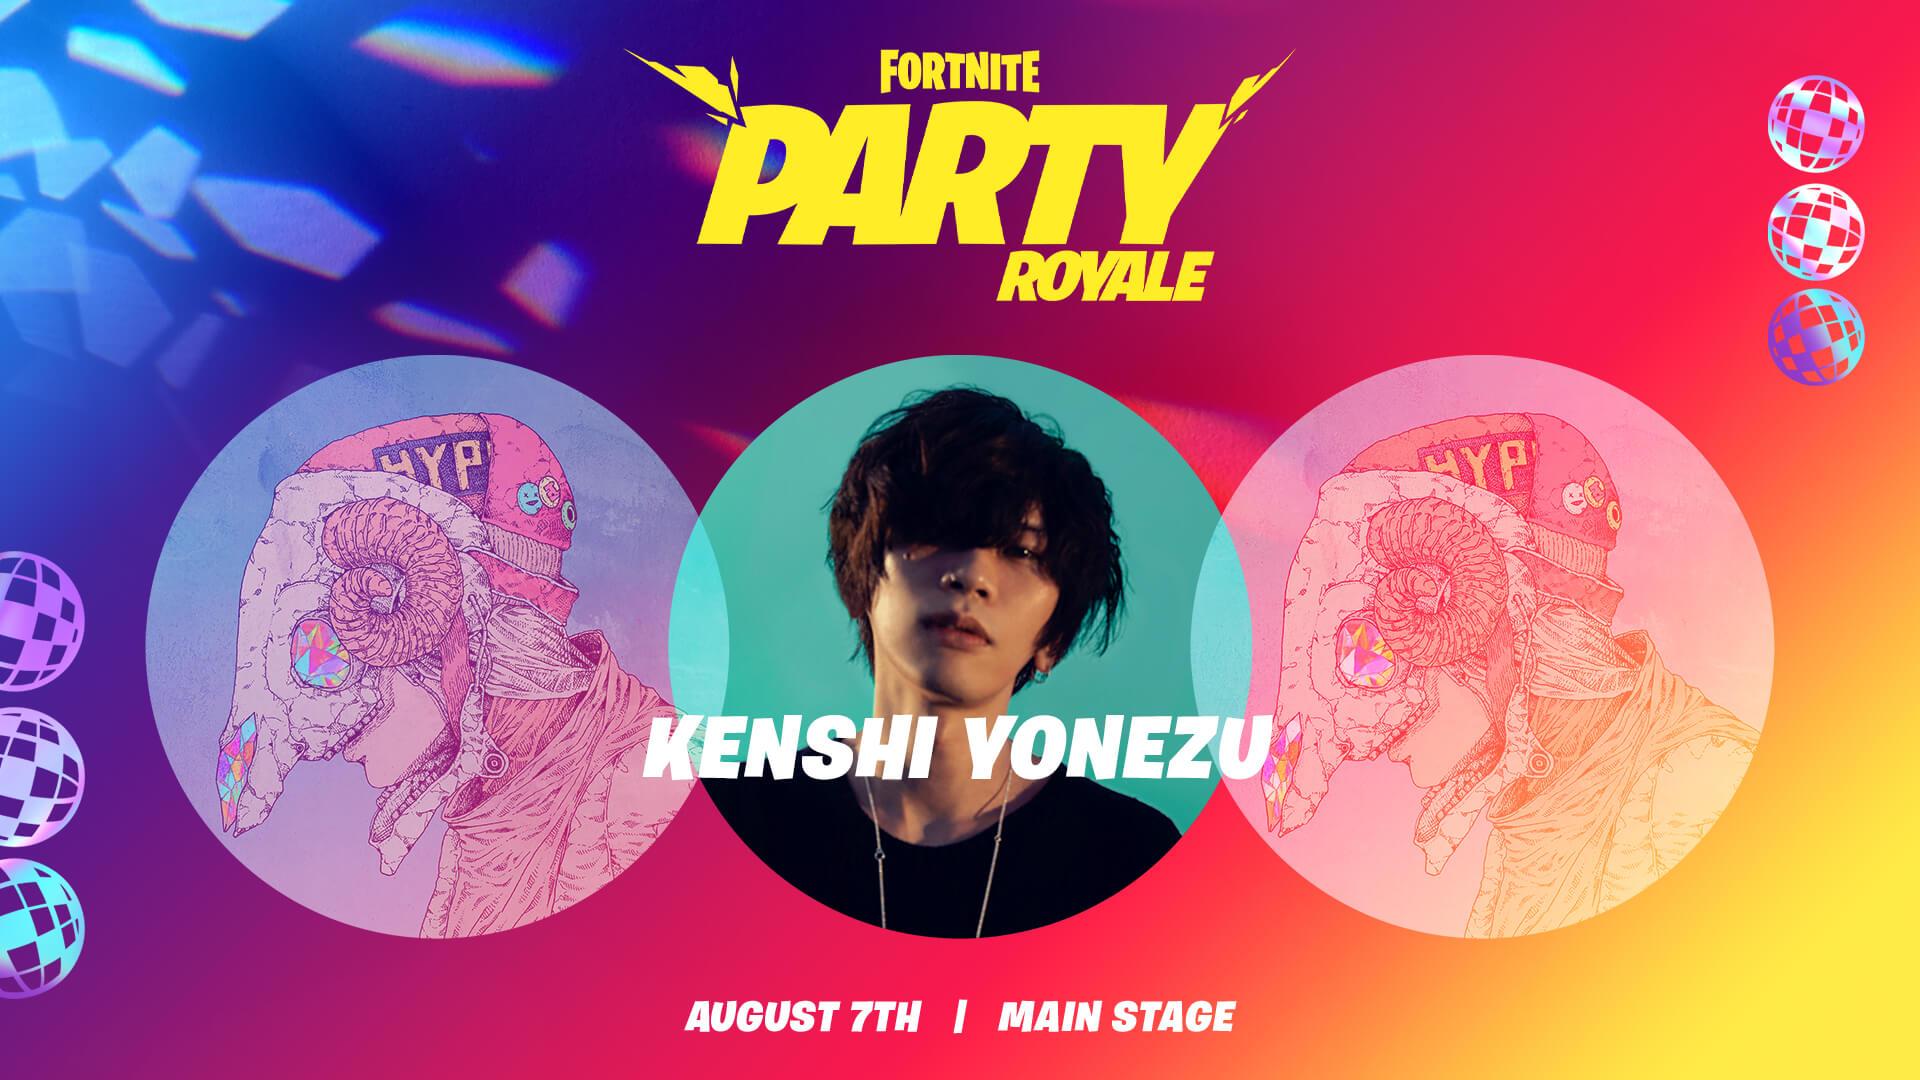 Kenshi Yonezu Fortnite